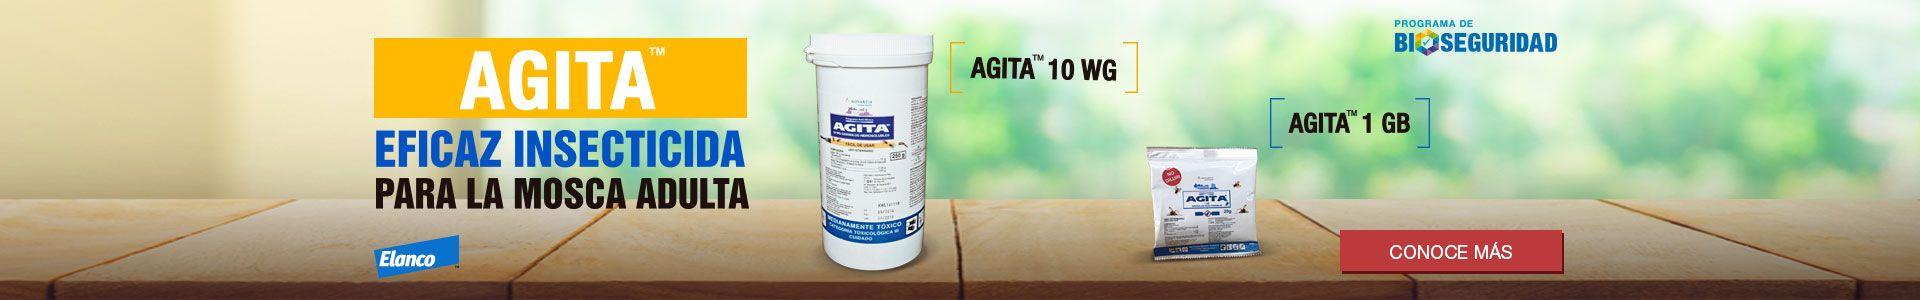 Banner-producto-Agita